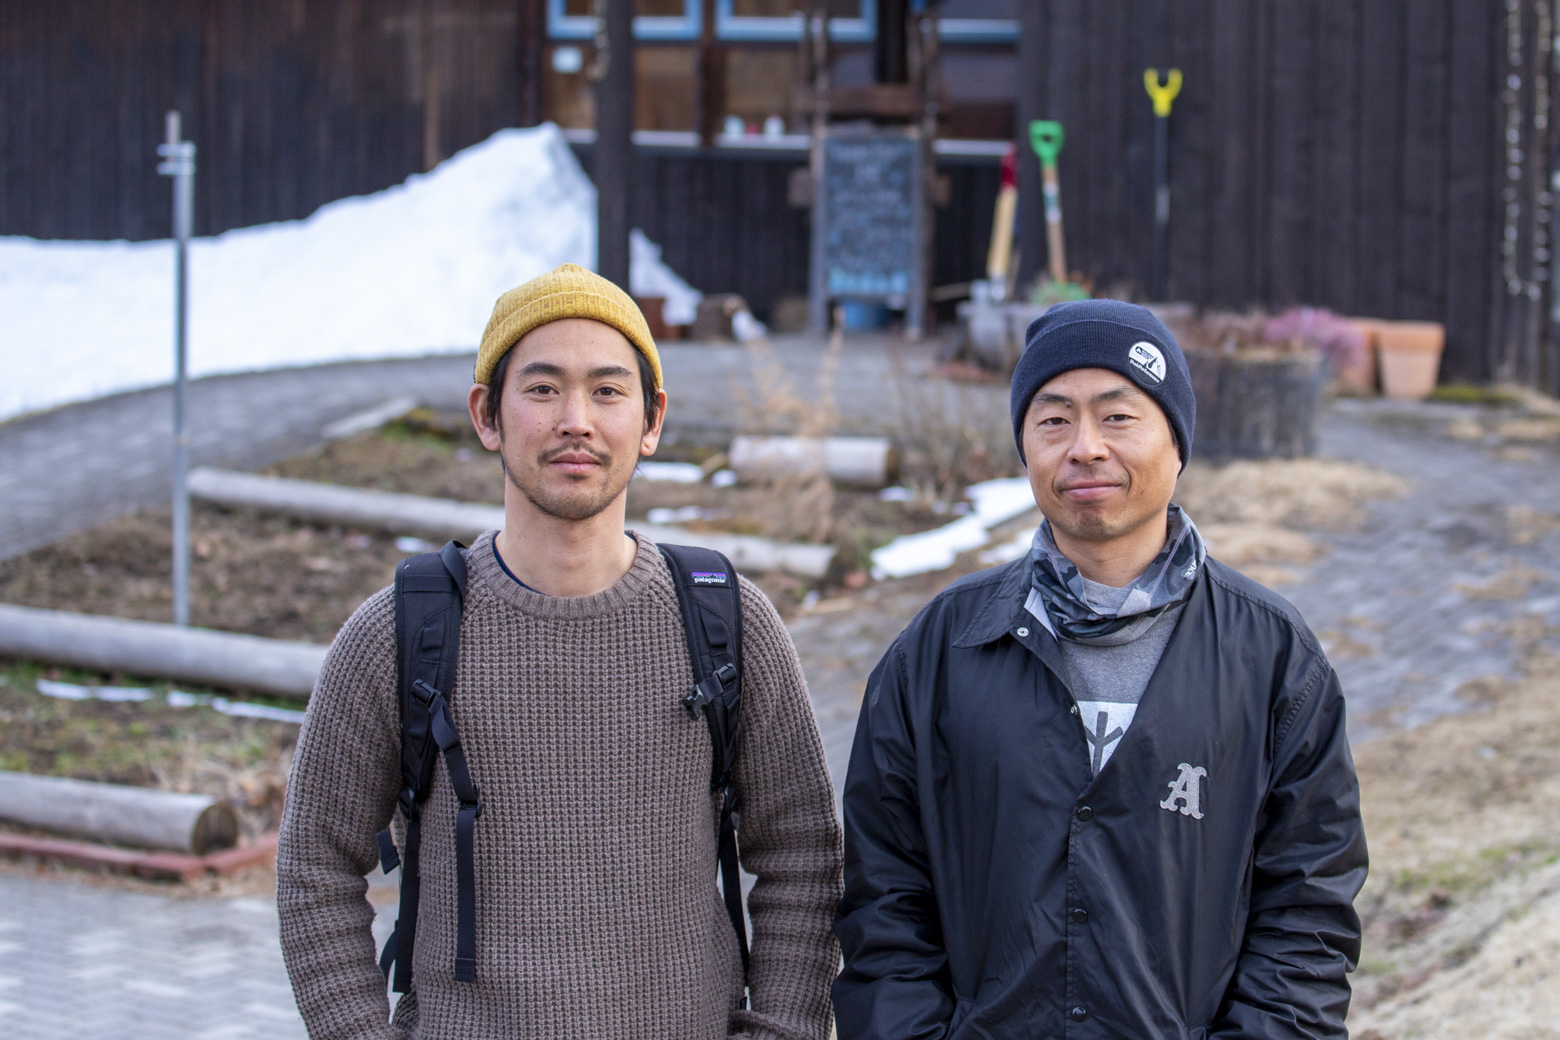 小松さん(右)と高田さん(左)